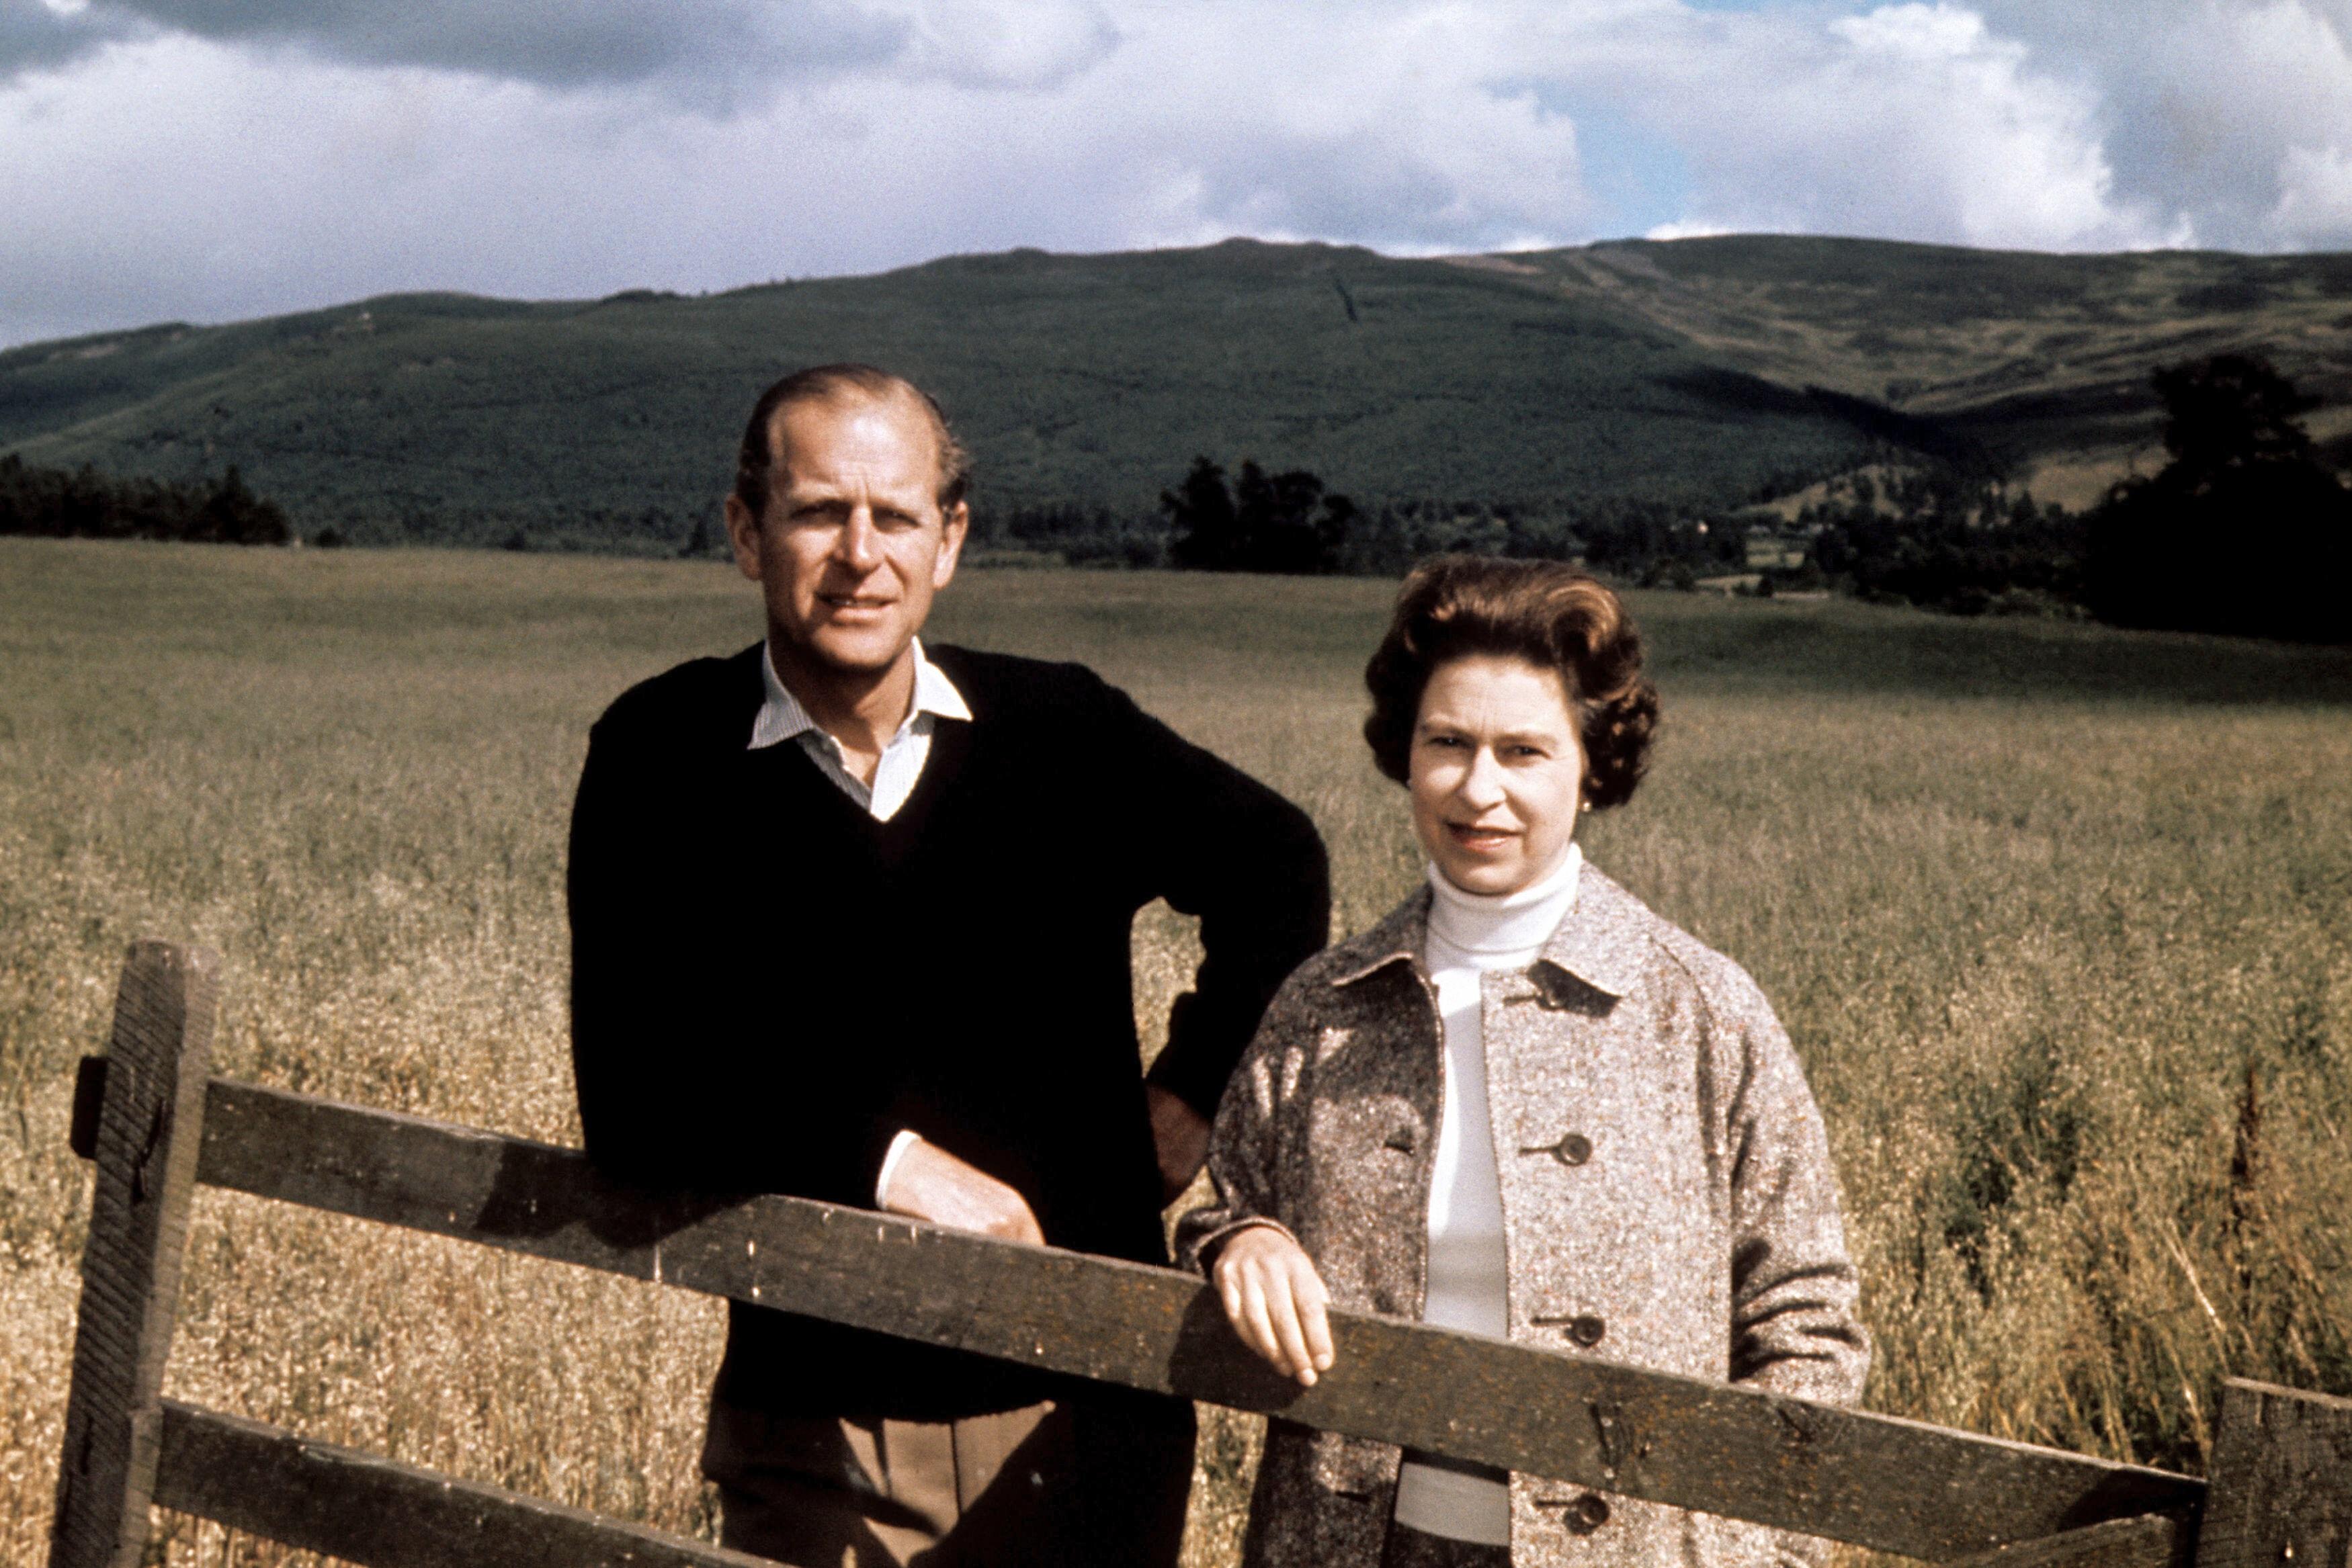 """En su 50 aniversario de boda, Elizabeth II calificó a su esposo como """"simplemente (...) mi fortaleza y base todos estos años"""". (AP)"""